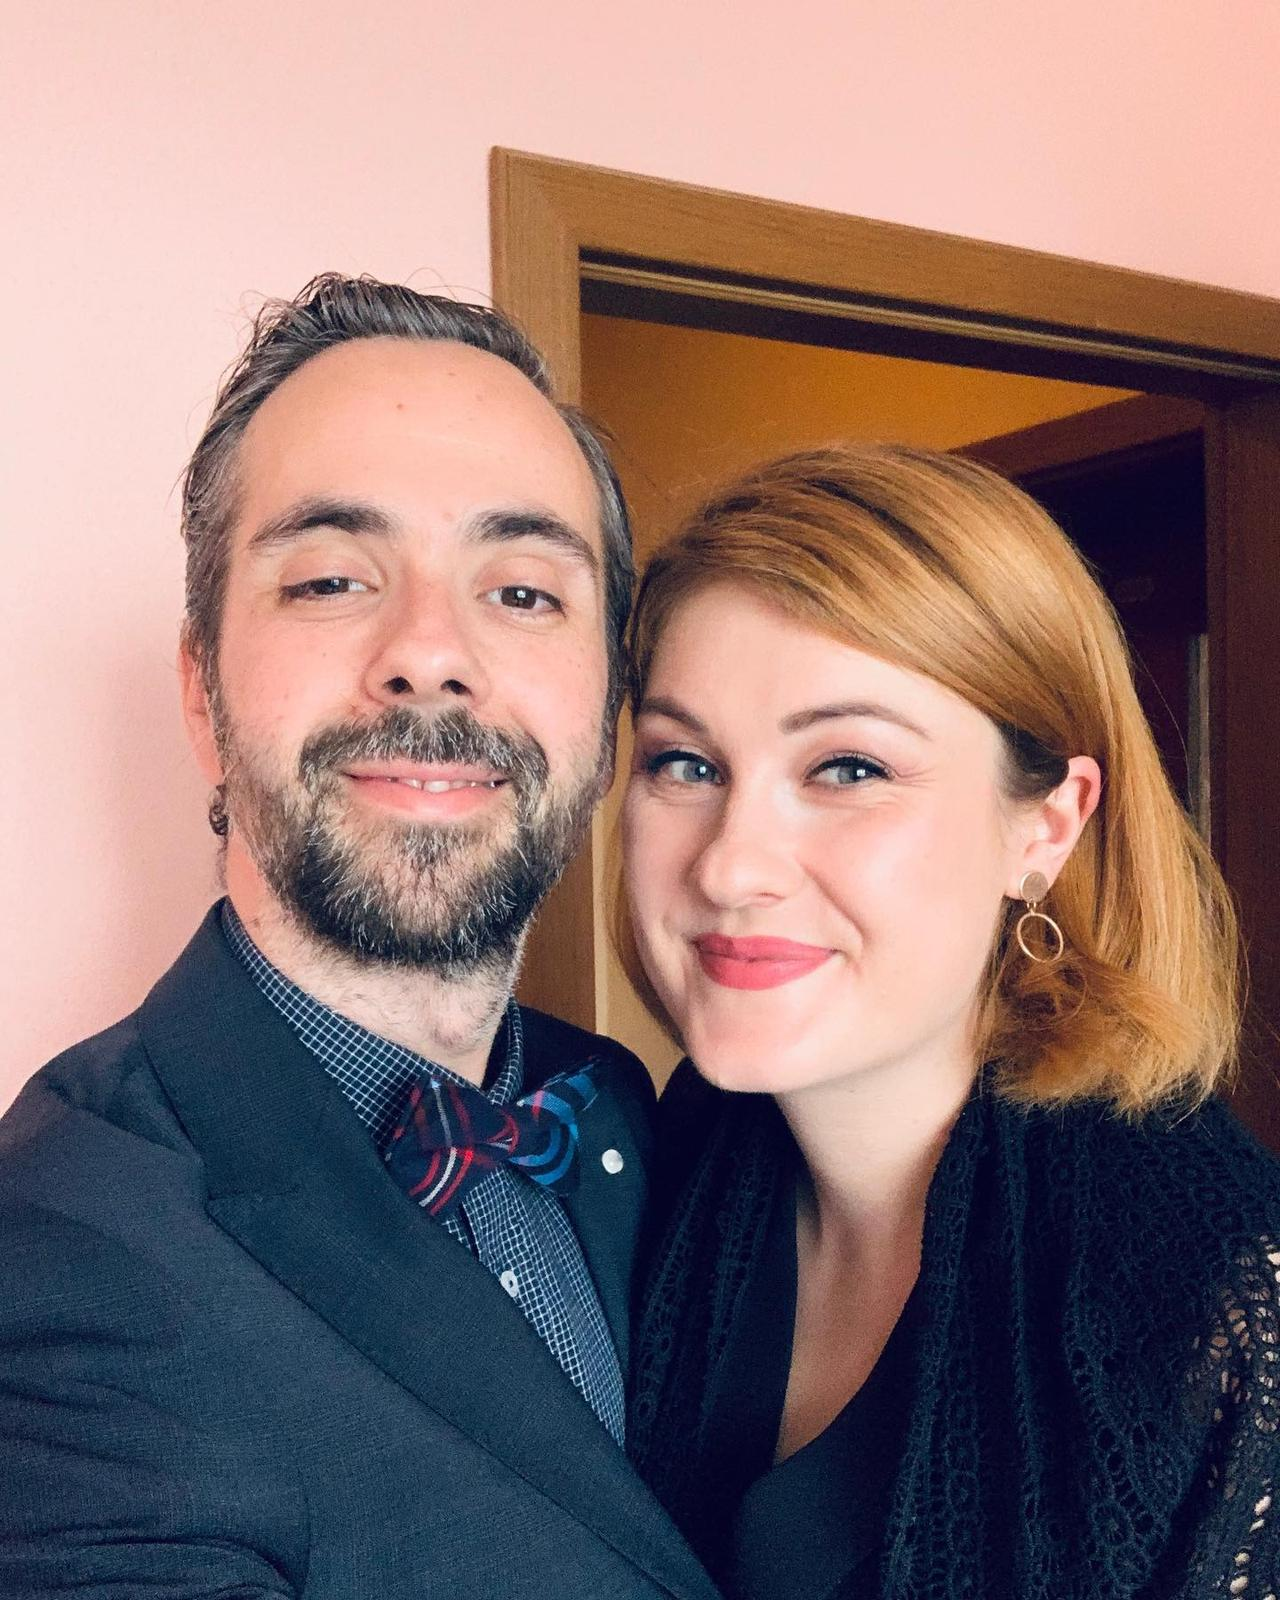 Túto sobotu sme aj my svadbovali! Bola to francúzsko-slovenská svadba na Sliači v Tri duby Golf Resort. Verím, že od nevesty budem mať neskôr aj nejaké pekné fotky výzdoby, o ktoré sa s vami rada podelím :) - Obrázok č. 1